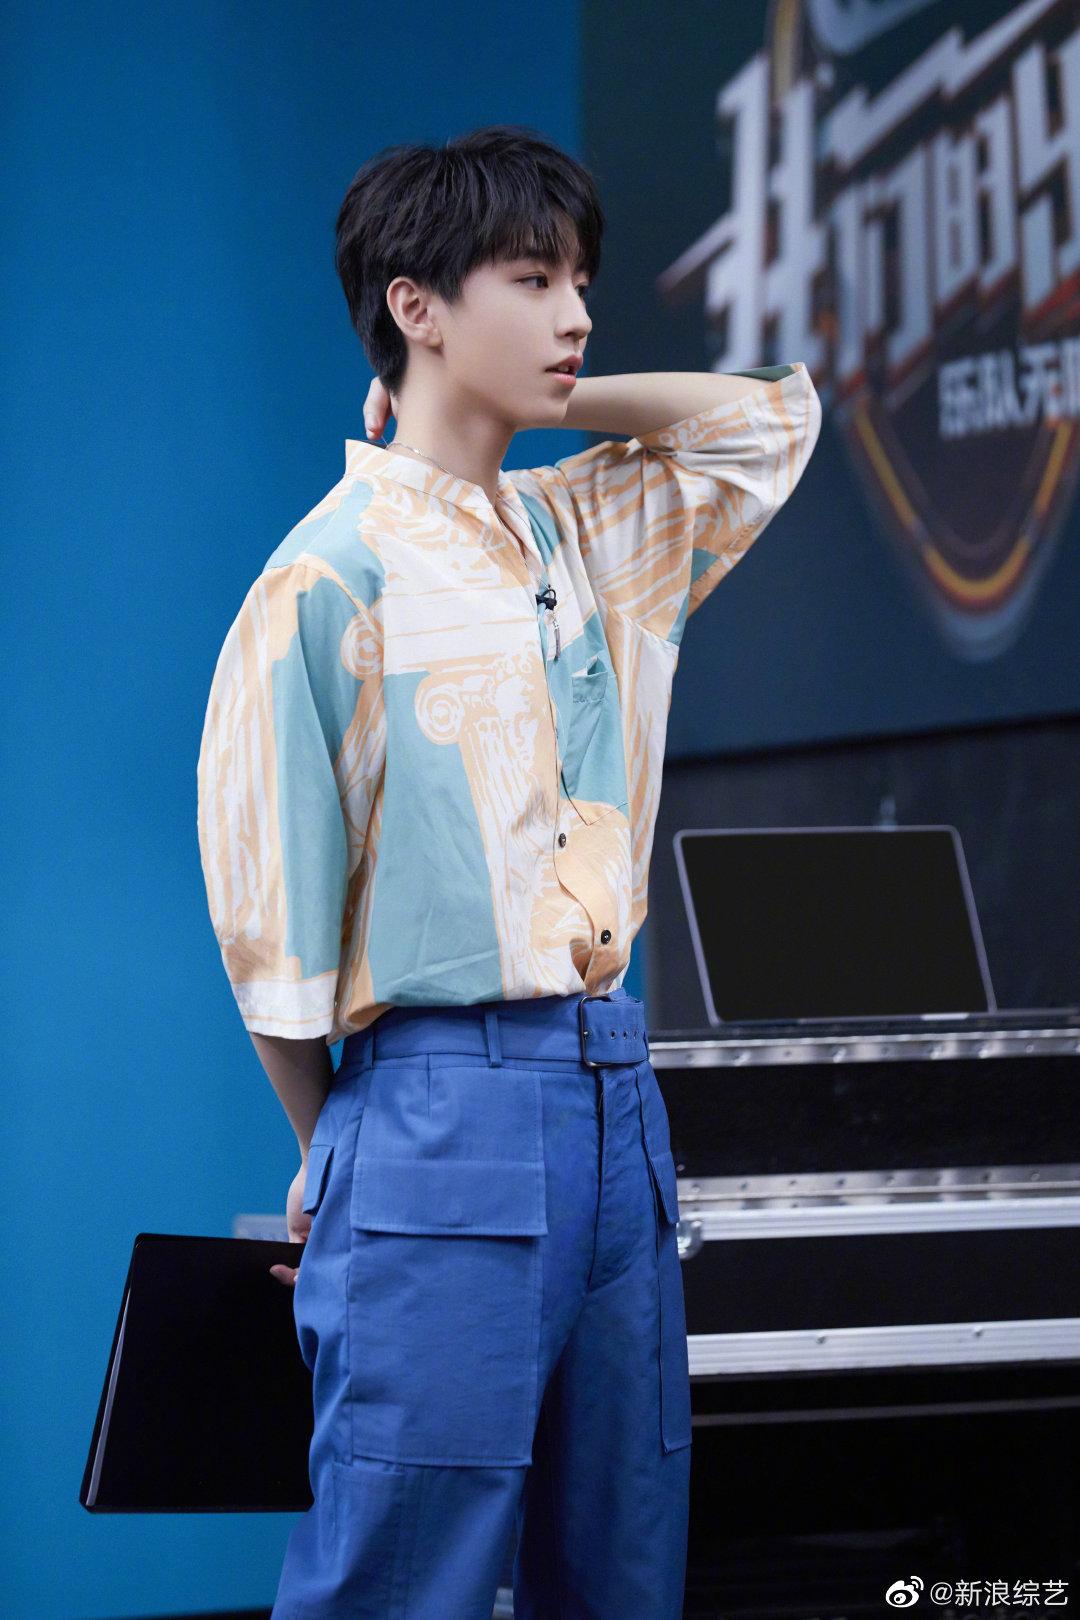 充满夏日气息的@TFBOYS-王俊凯 来啦~复古人像雕塑印花衬衫搭配蓝色工